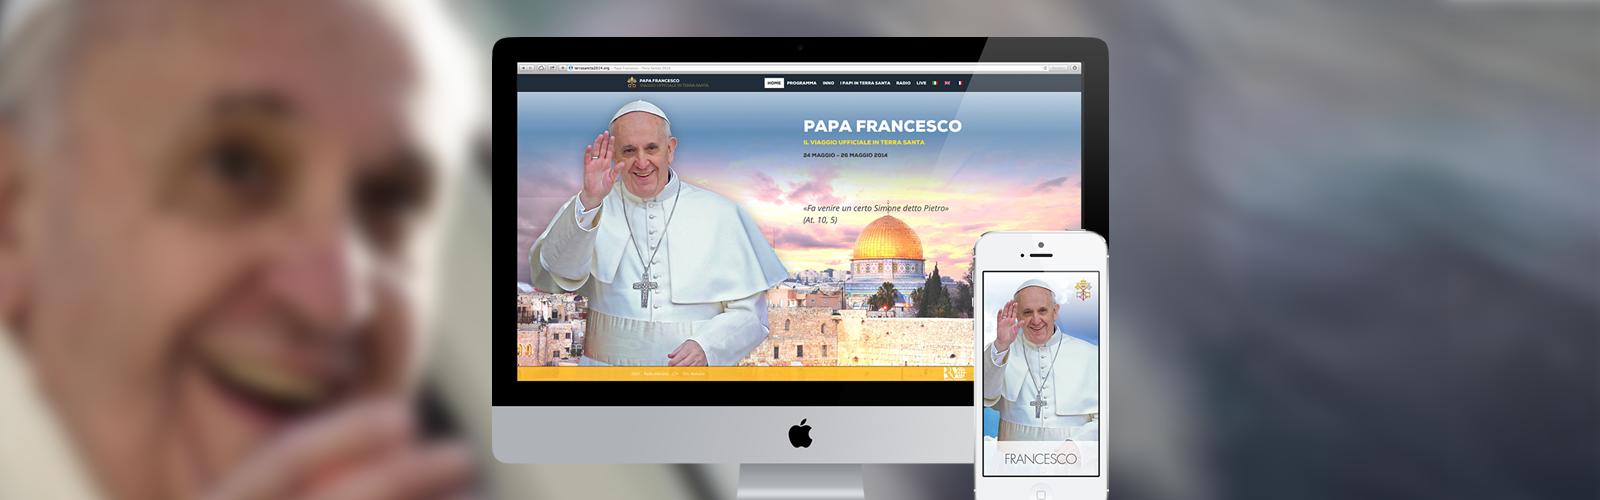 Papa Francesco: pubblicato Sito ufficiale del viaggio in Terra Santa e App mobile